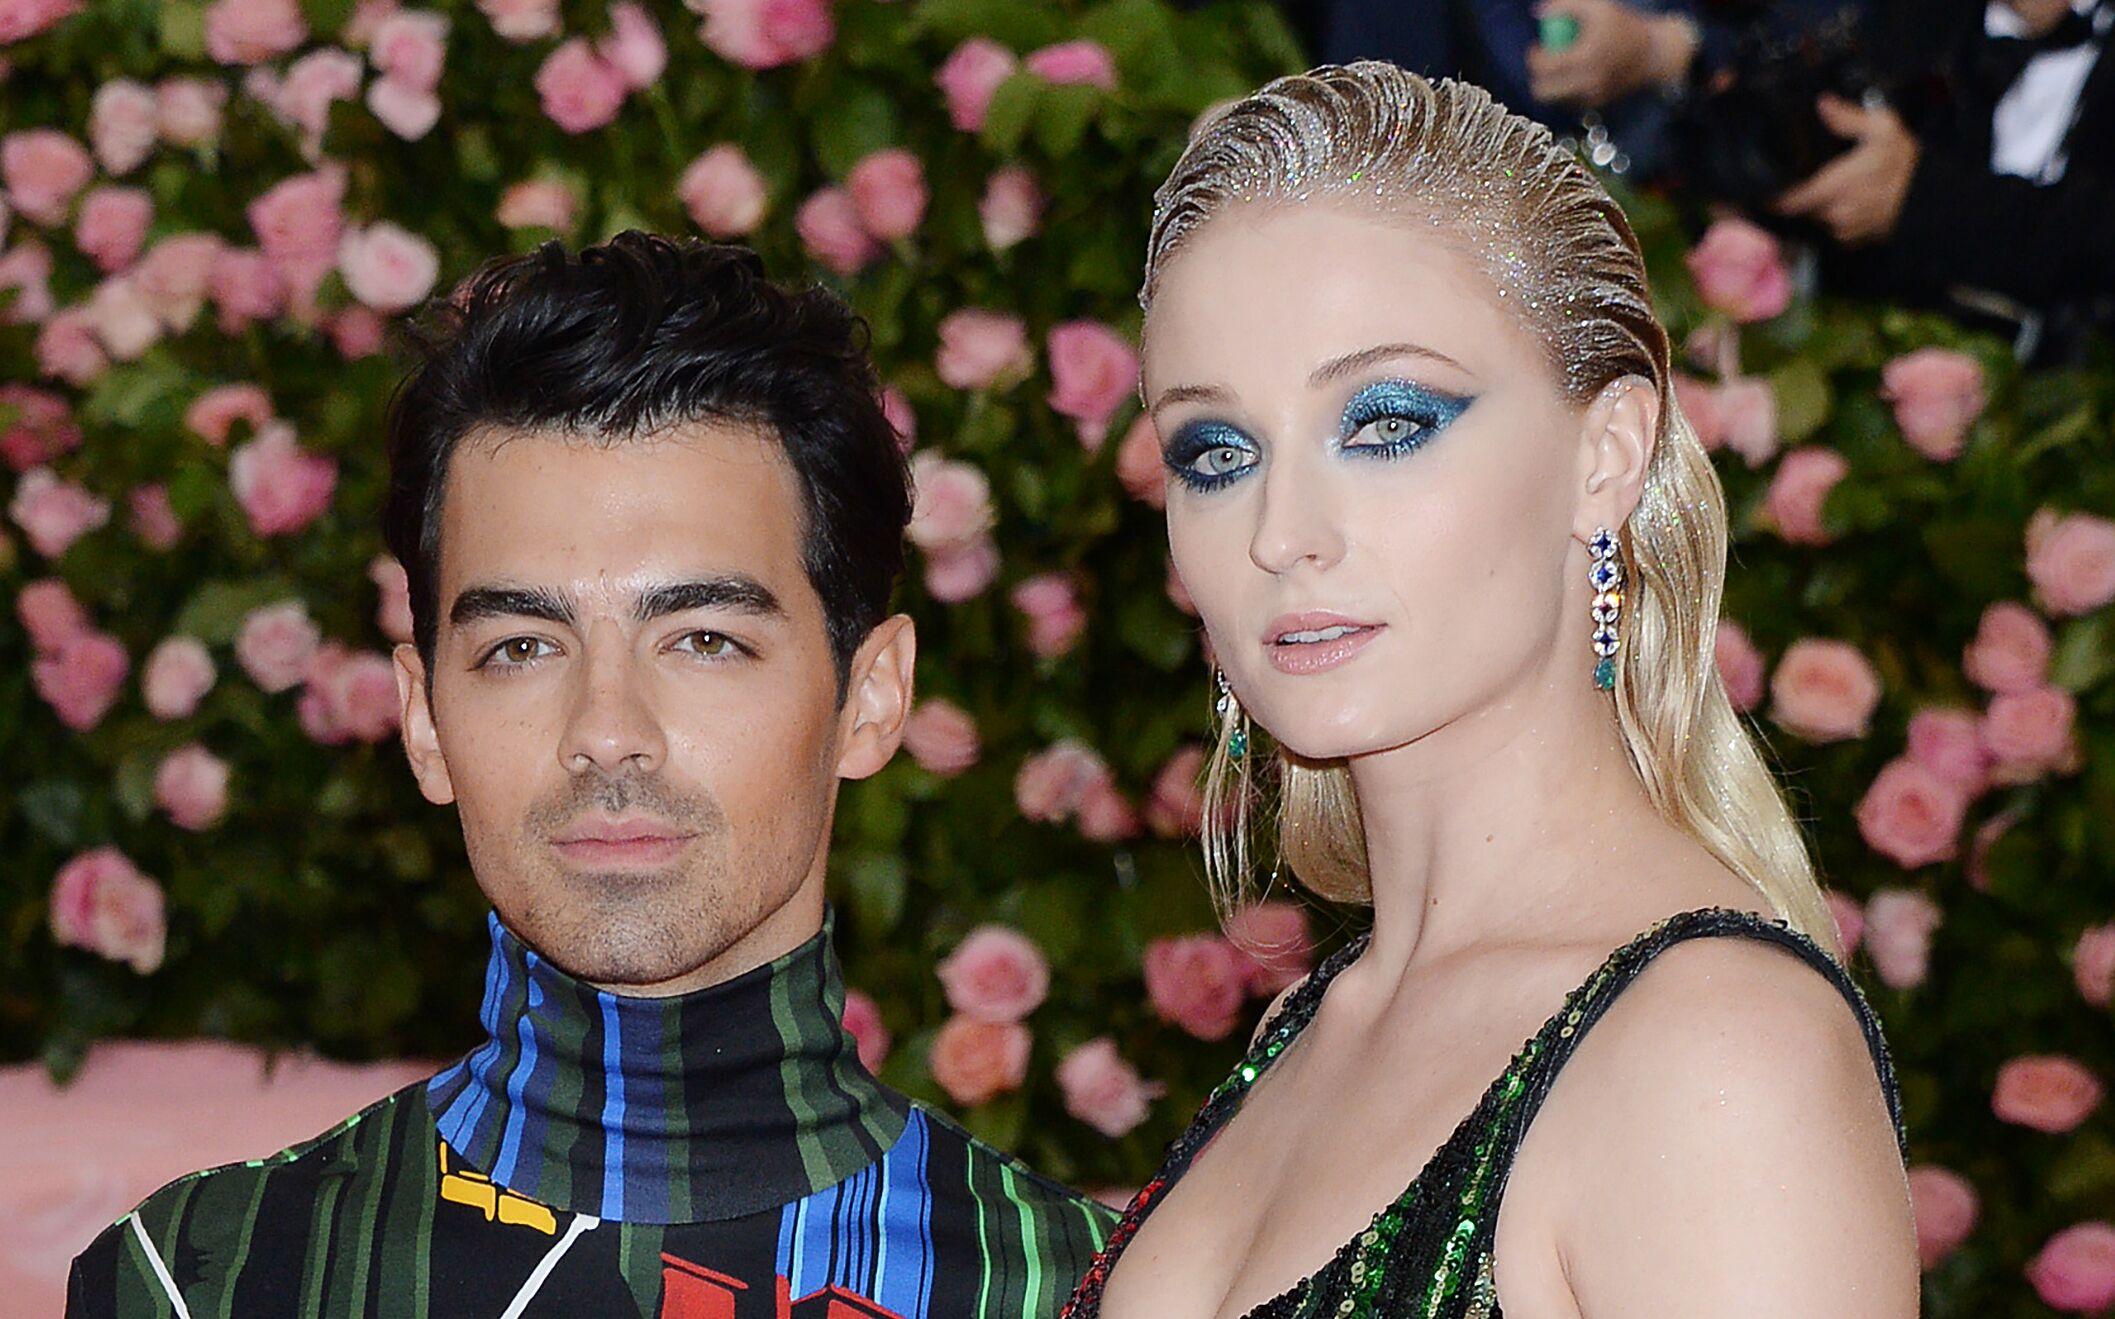 Mariage de Joe Jonas et Sophie Turner  cette star qui a gâché la fête ,  Voici